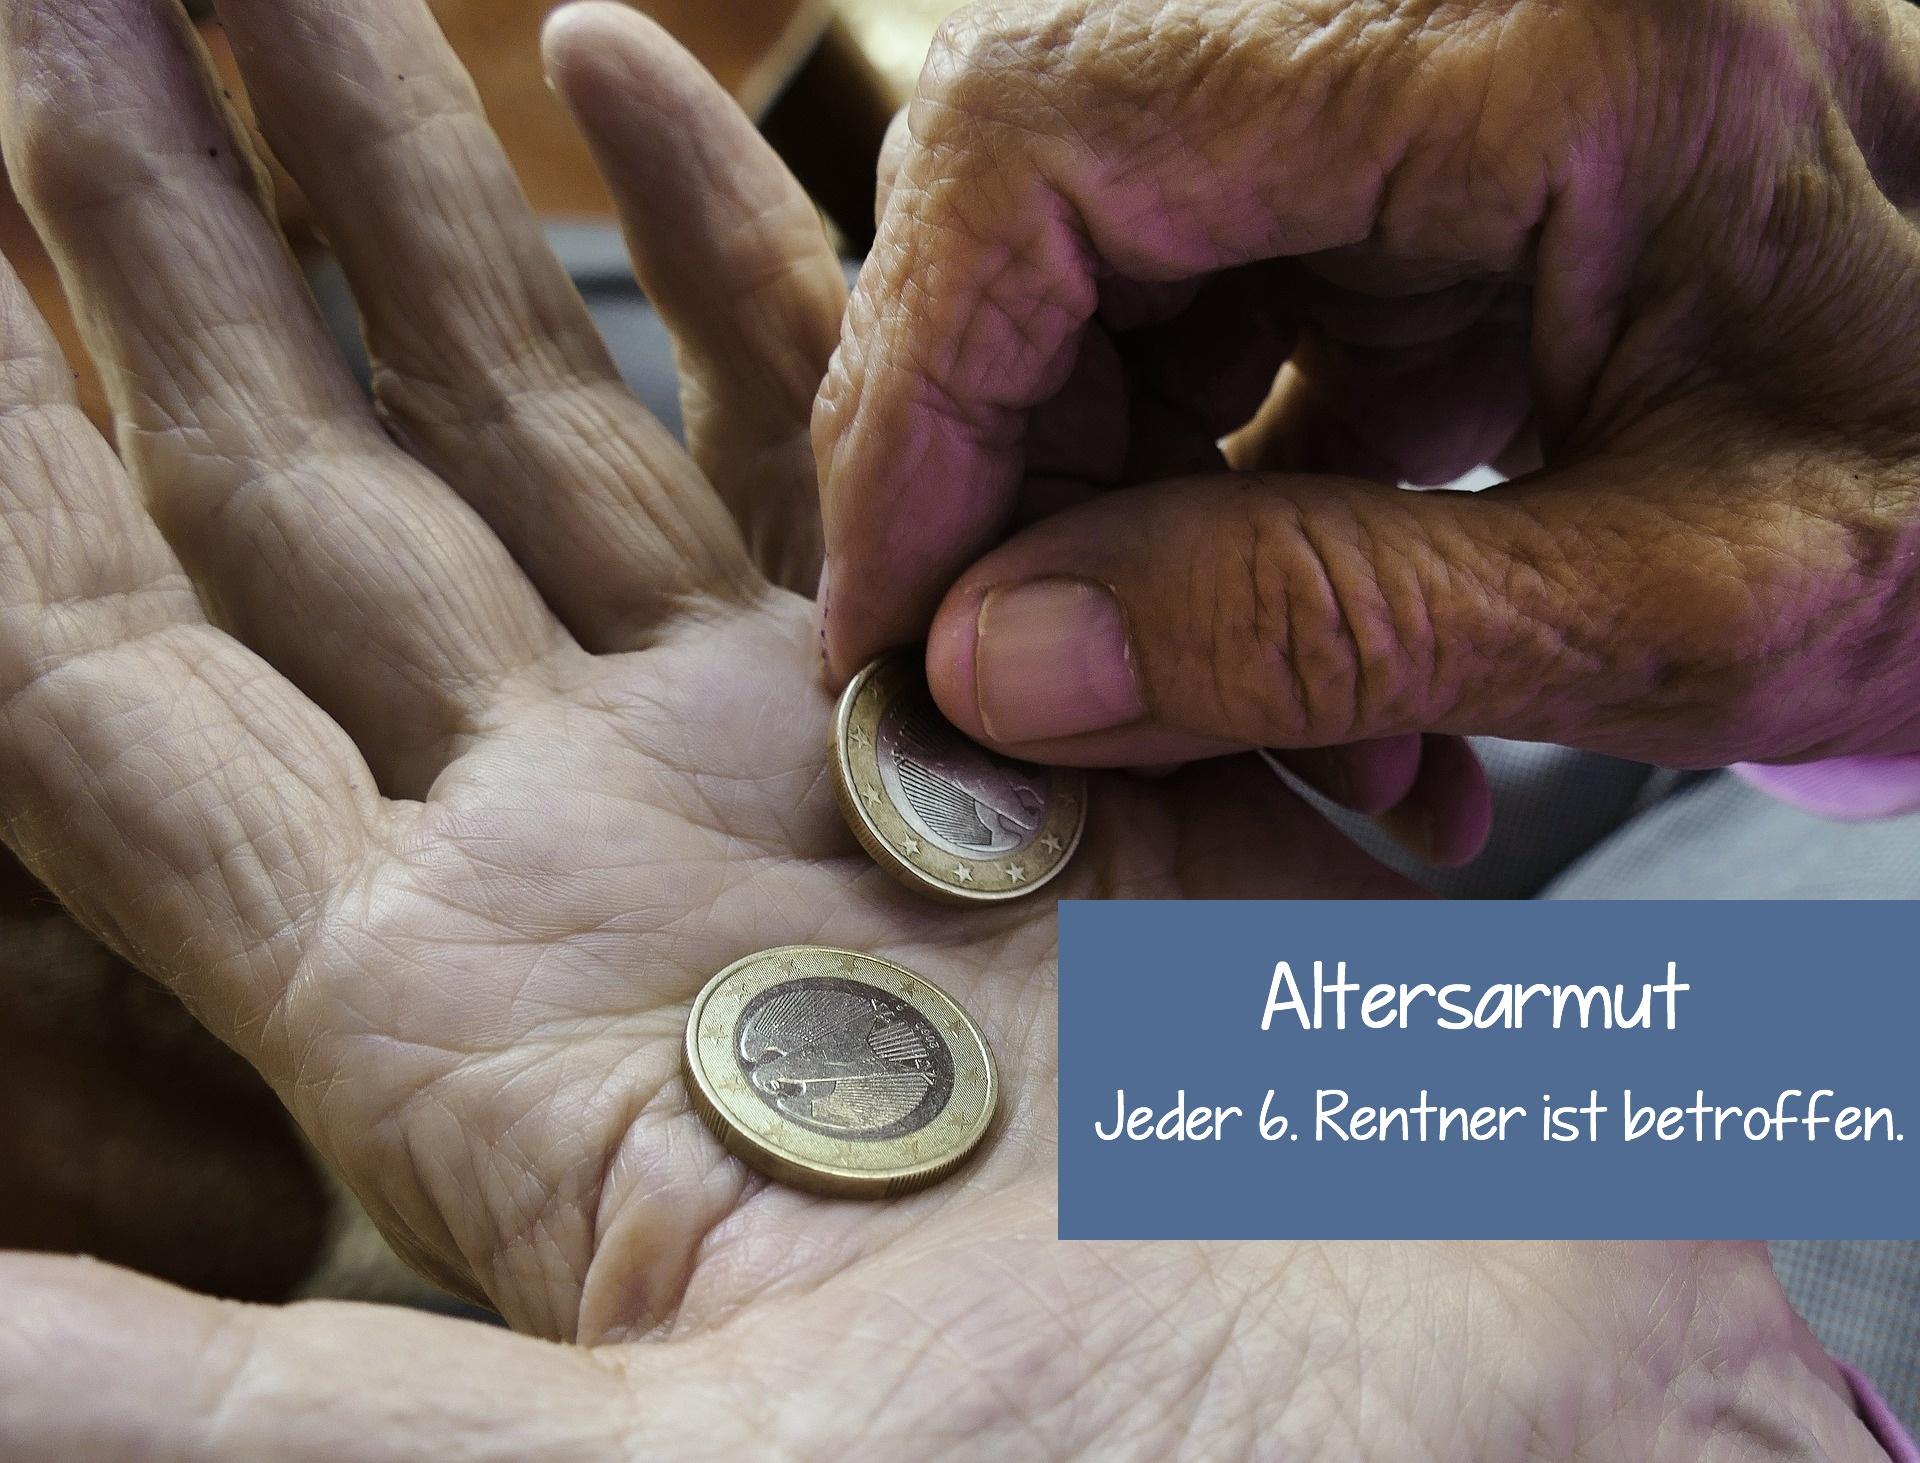 Jeder 6. Renter ist von Altersarmut betroffen